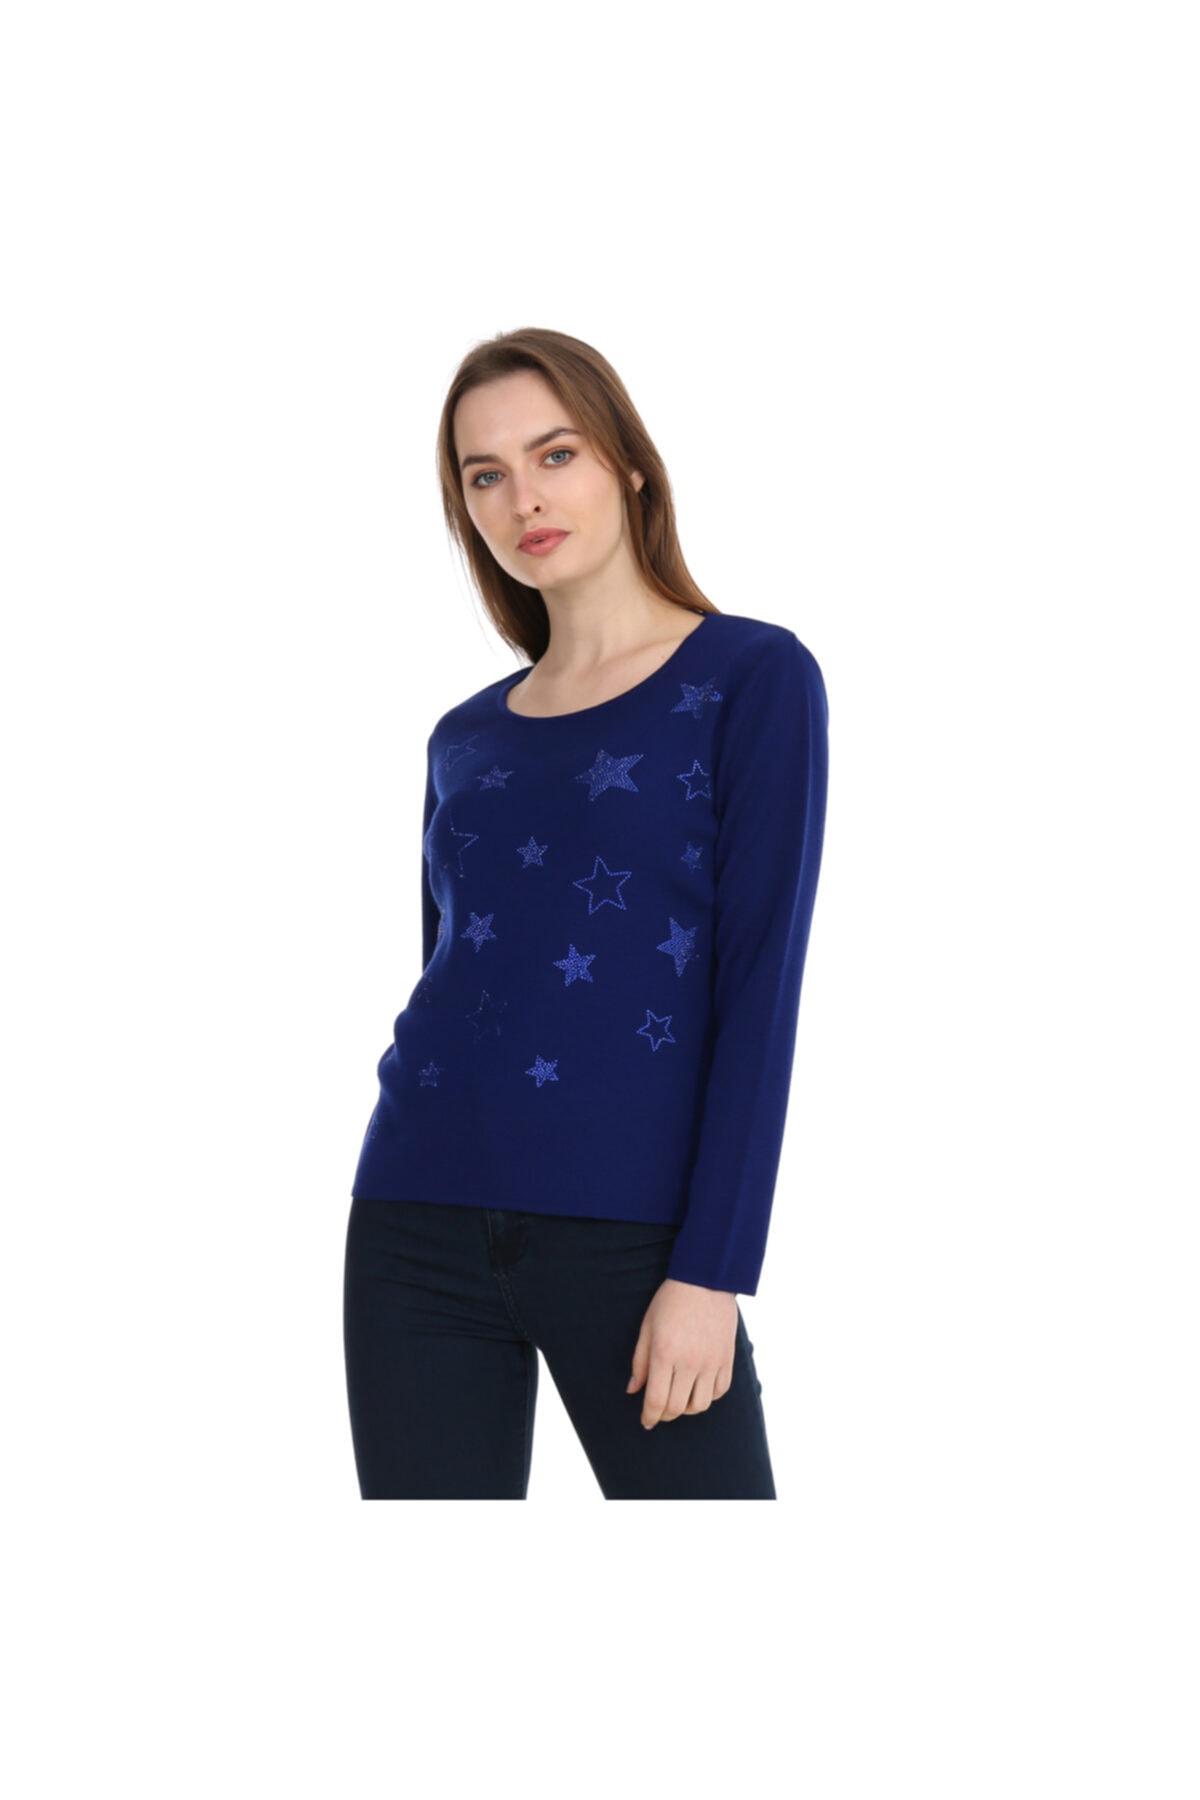 Solo Kristal Taş Hotfix Yıldız Işlemeli Bluz Italyan Yün 1